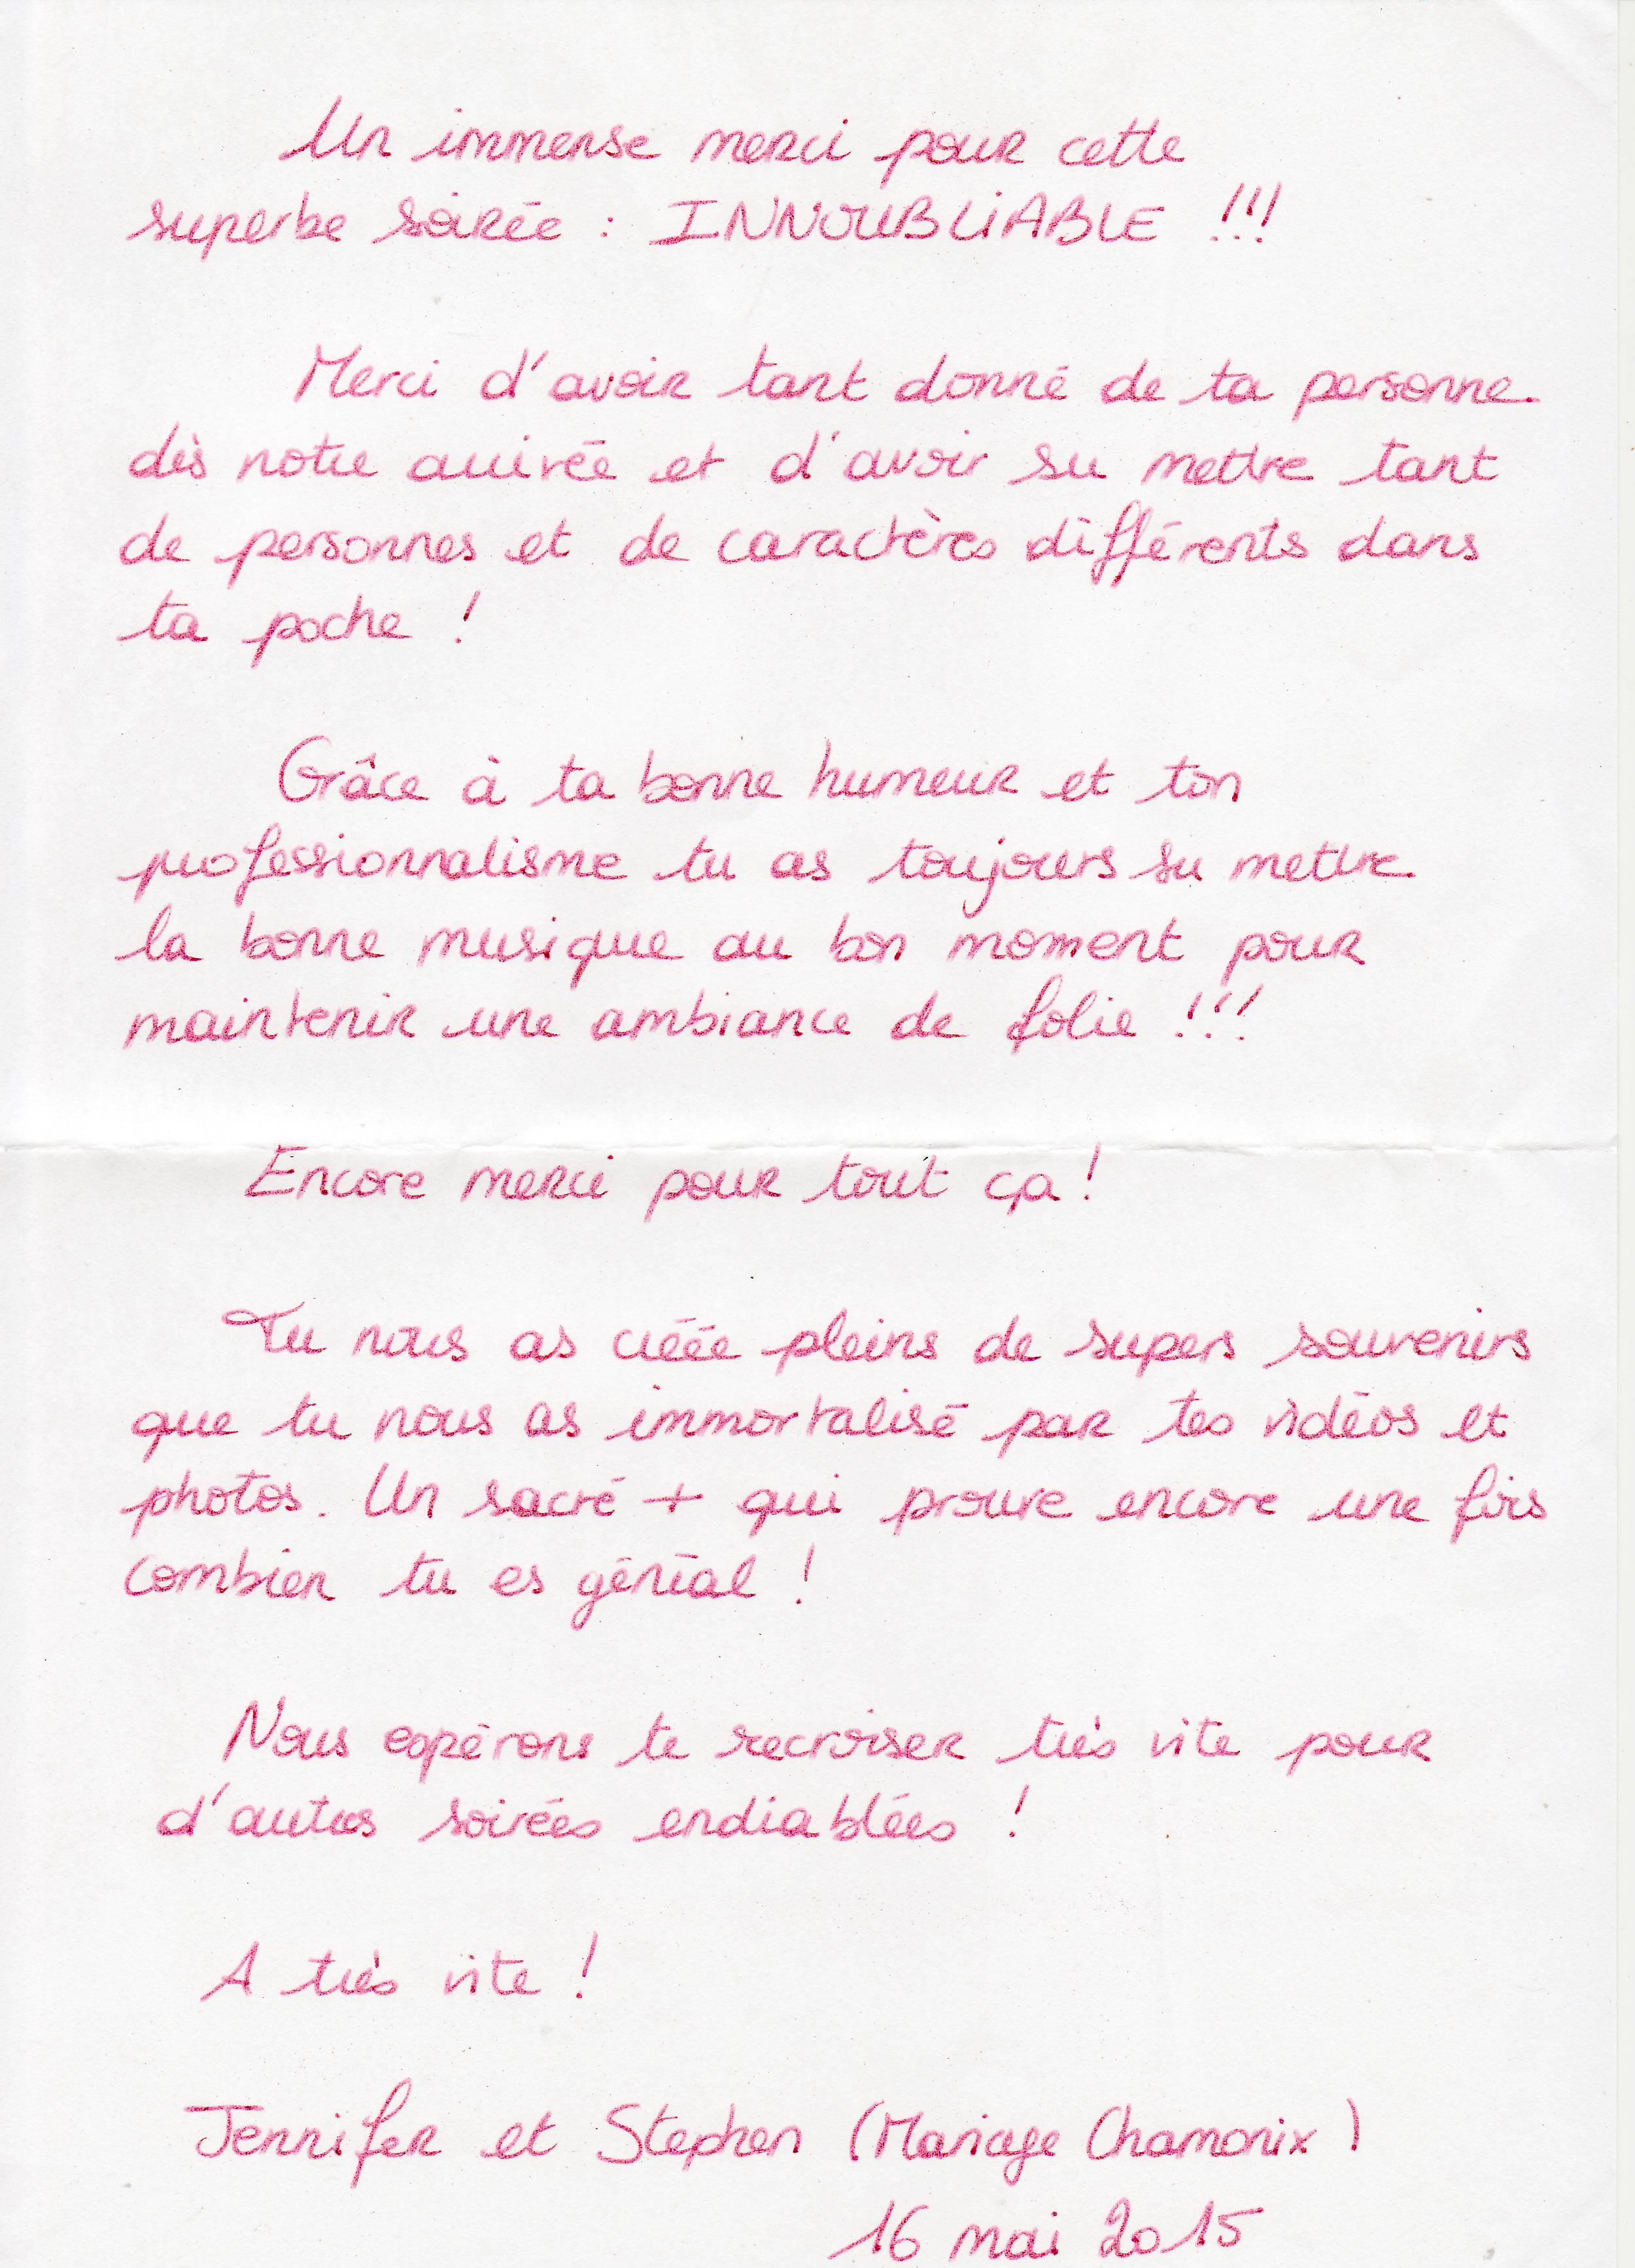 Mariage JOUBERT Stephen & Jennifer (Chamonix) (16-05-2015) 3.JPG